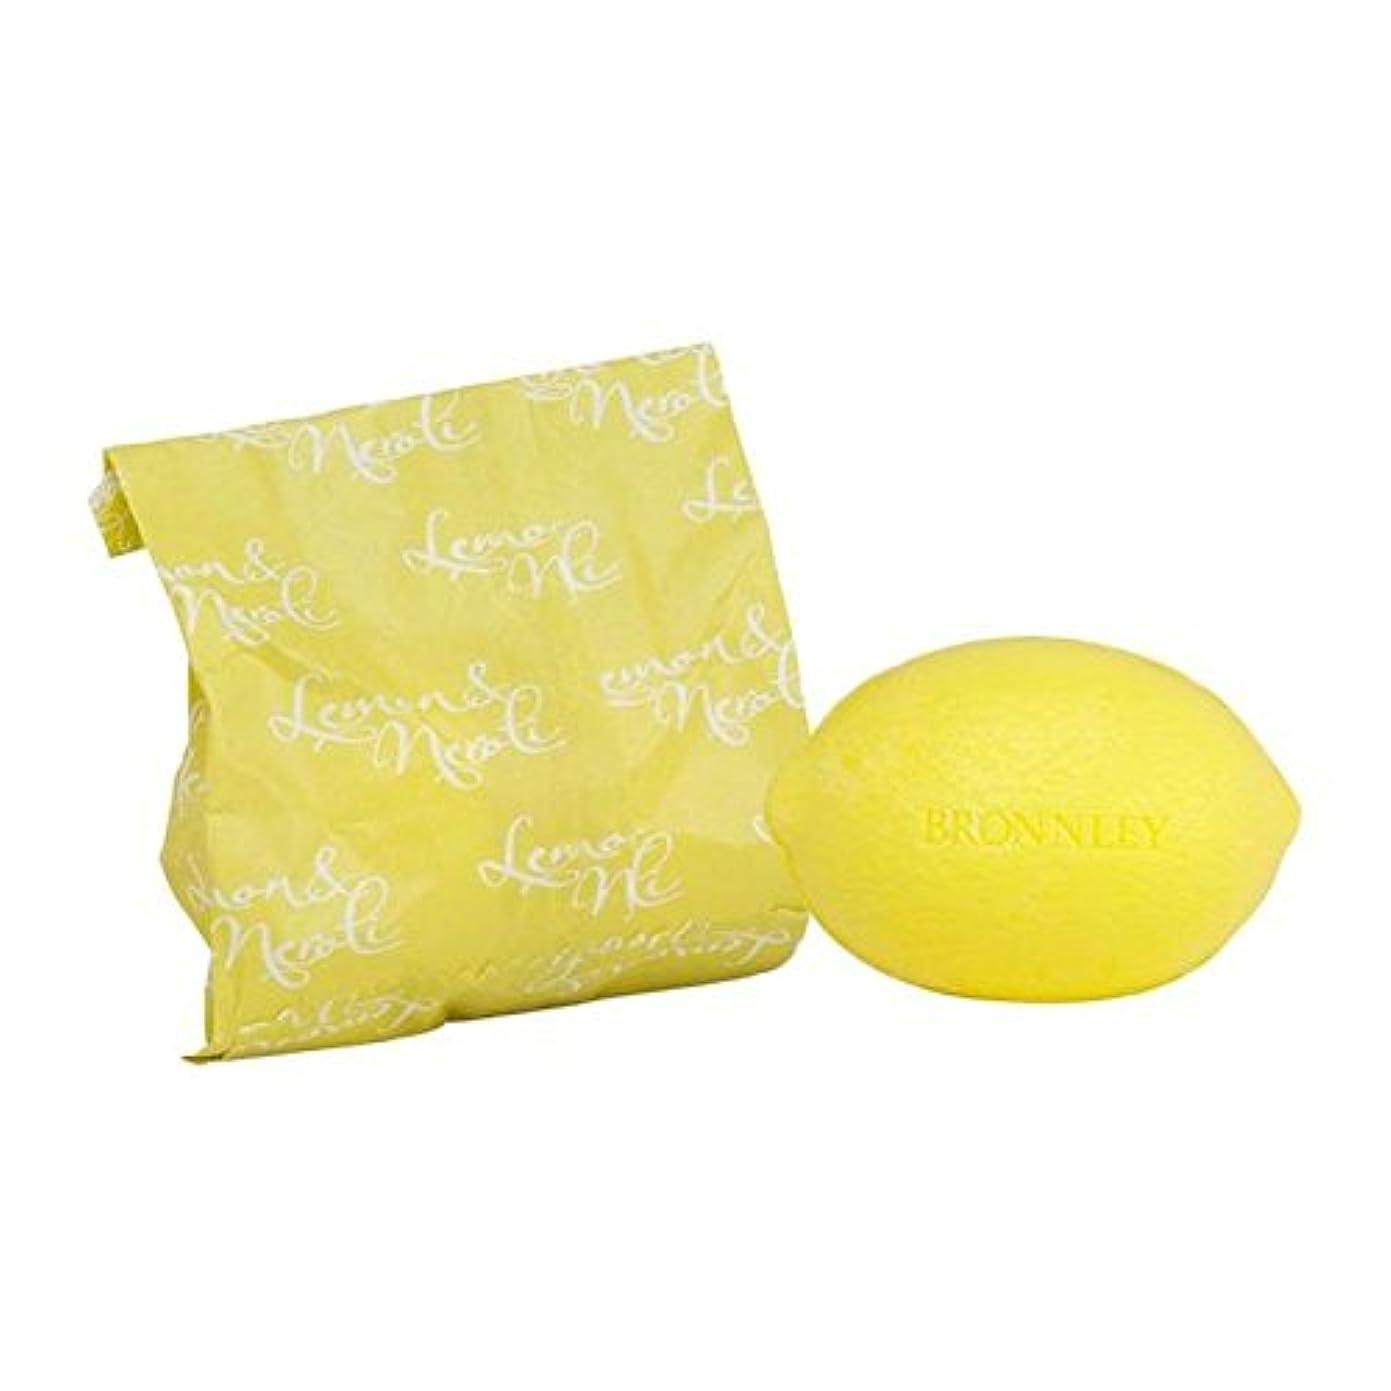 希望に満ちたすでに近所のBronnley Lemon & Neroli Soap 100g (Pack of 6) - レモン&ネロリ石鹸100グラム x6 [並行輸入品]